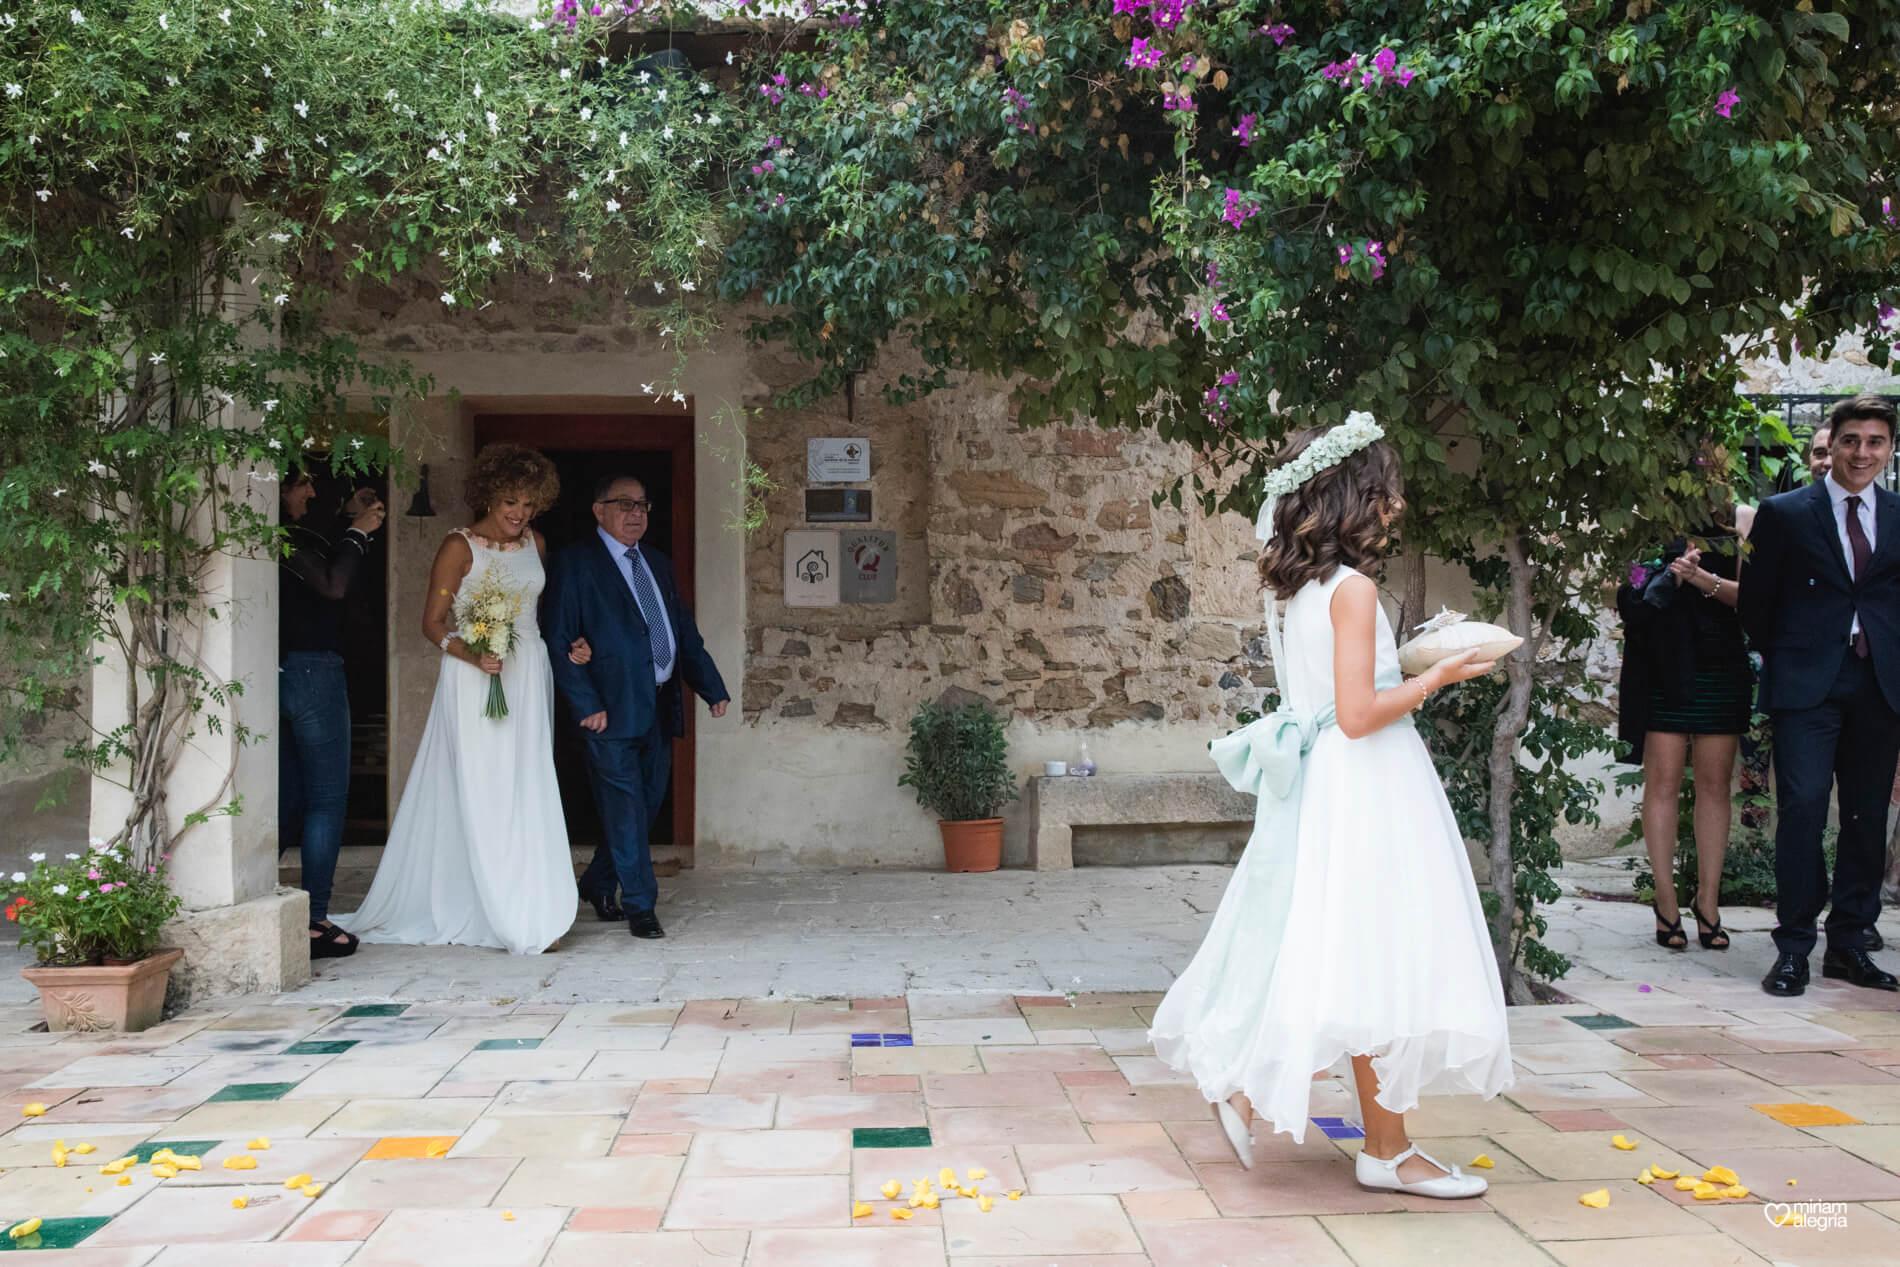 boda-en-finca-la-carrasca-miriam-alegria-38